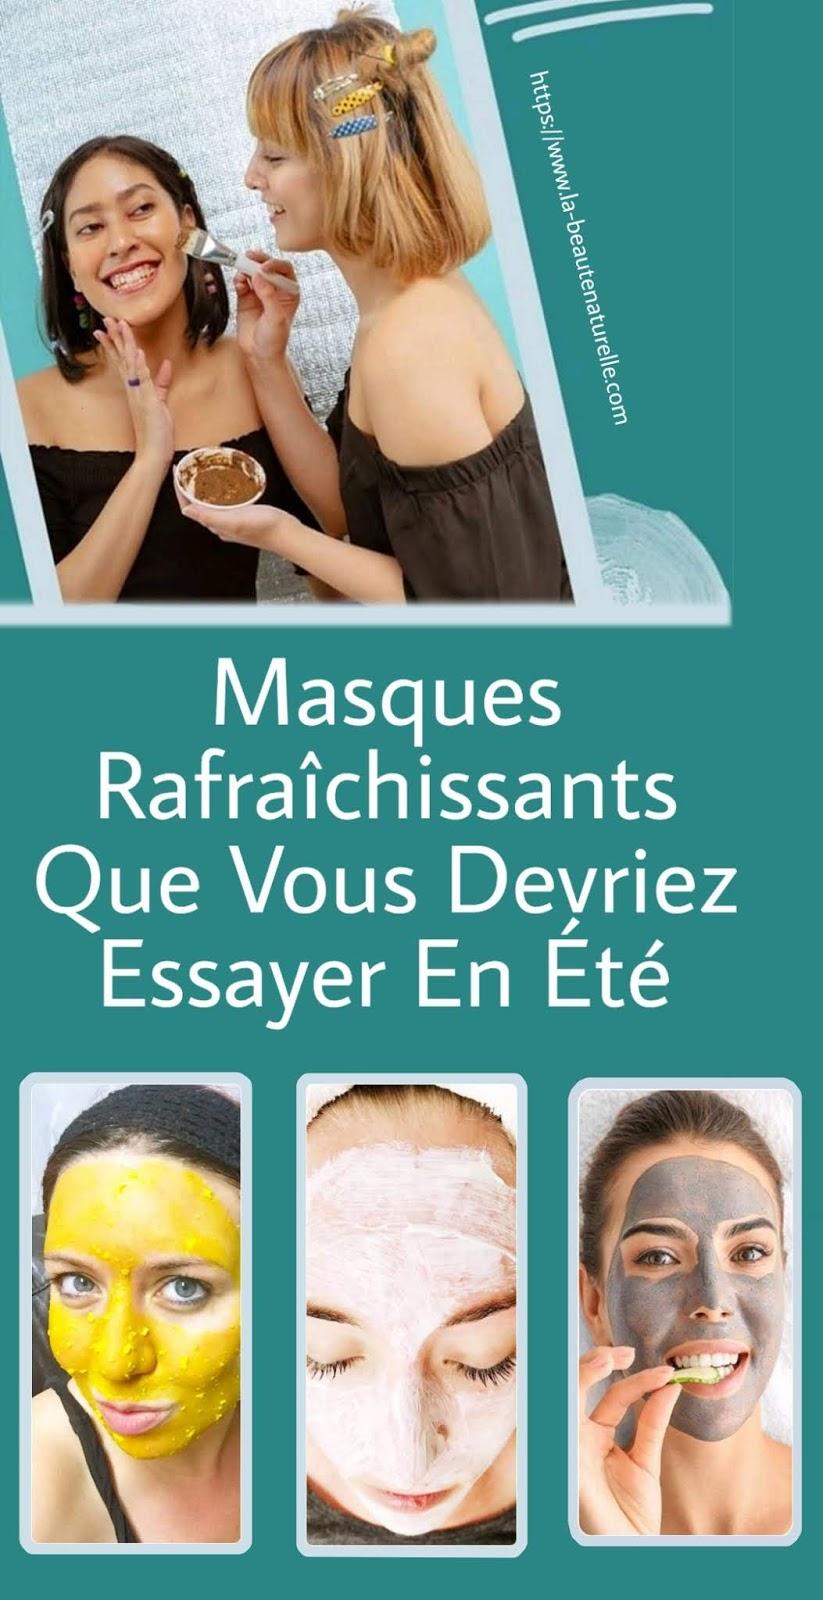 Masques Rafraîchissants Que Vous Devriez Essayer En Été